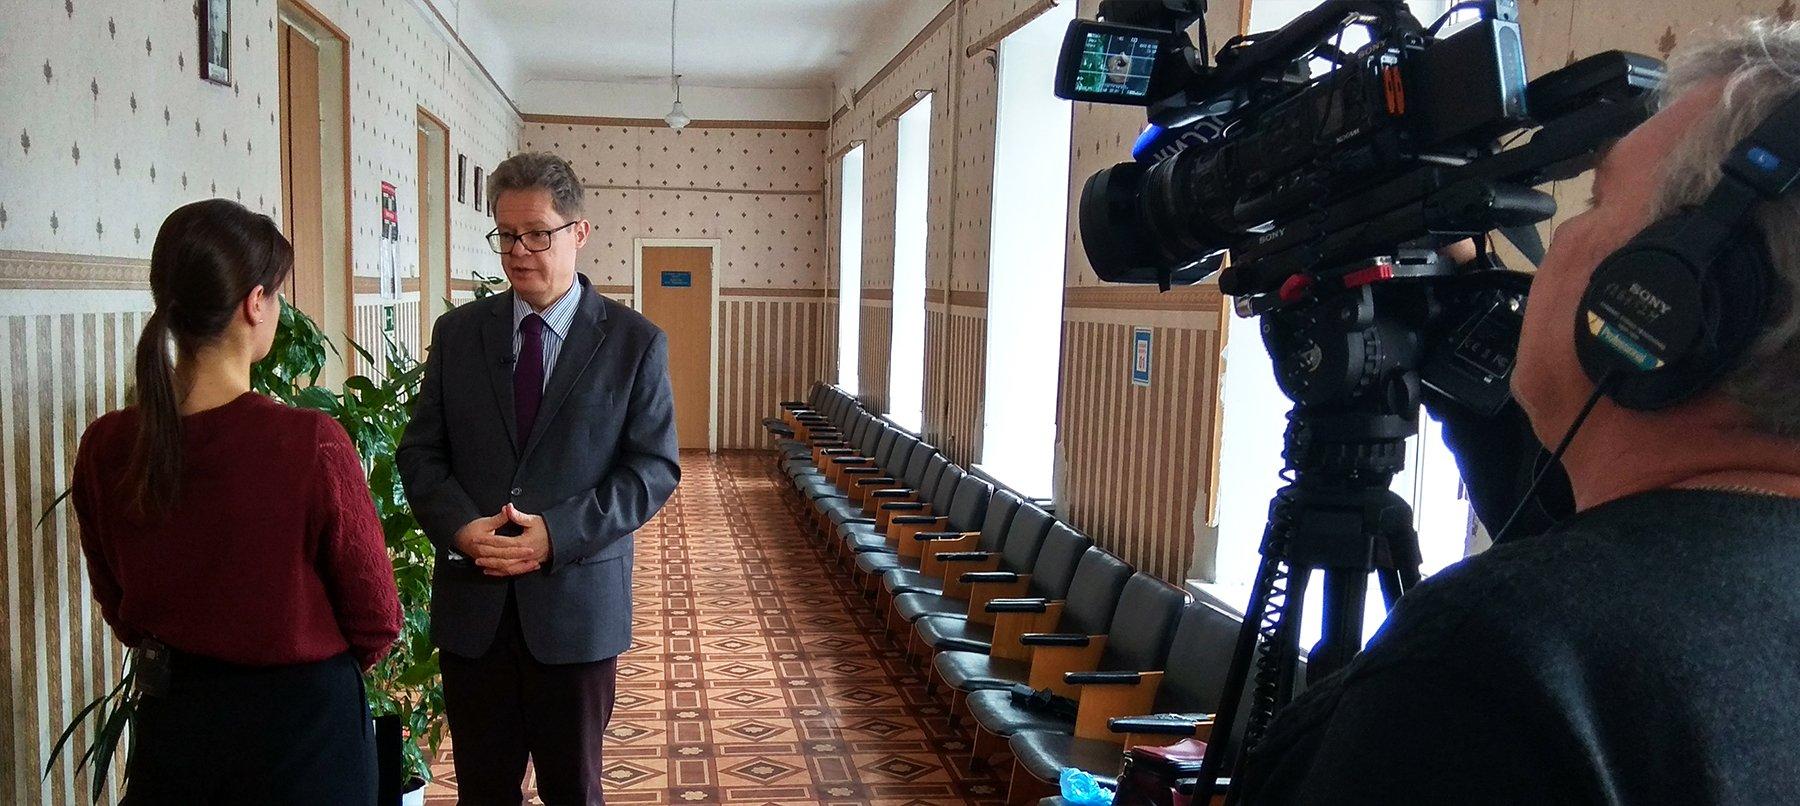 Ставропольский психиатр прокомментировал преступления матерей против своих детей